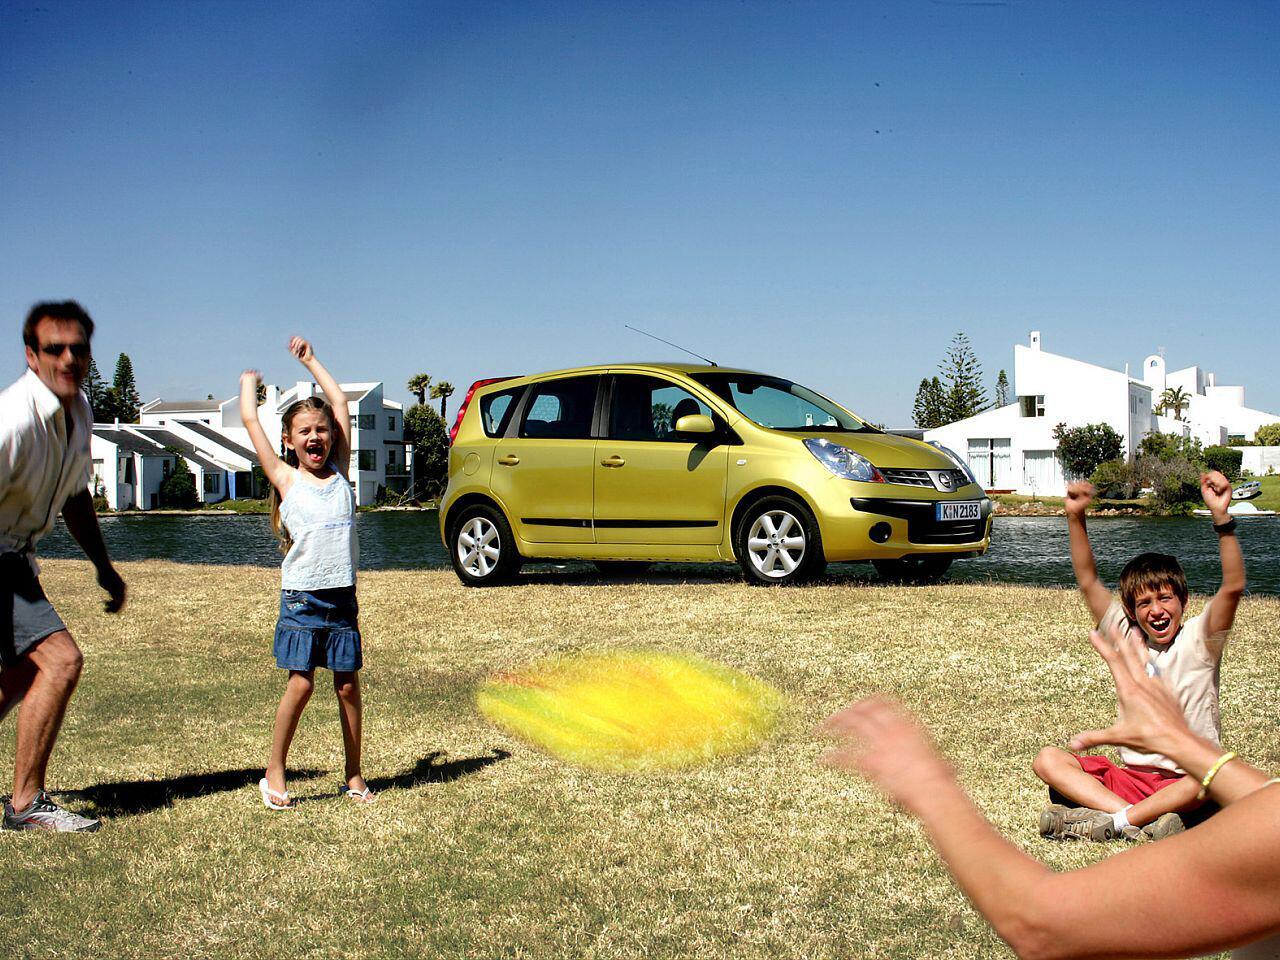 Bild zu Eine Autoreise mit Kindern kann anstregend sein, wenn die Abwechslung fehlt